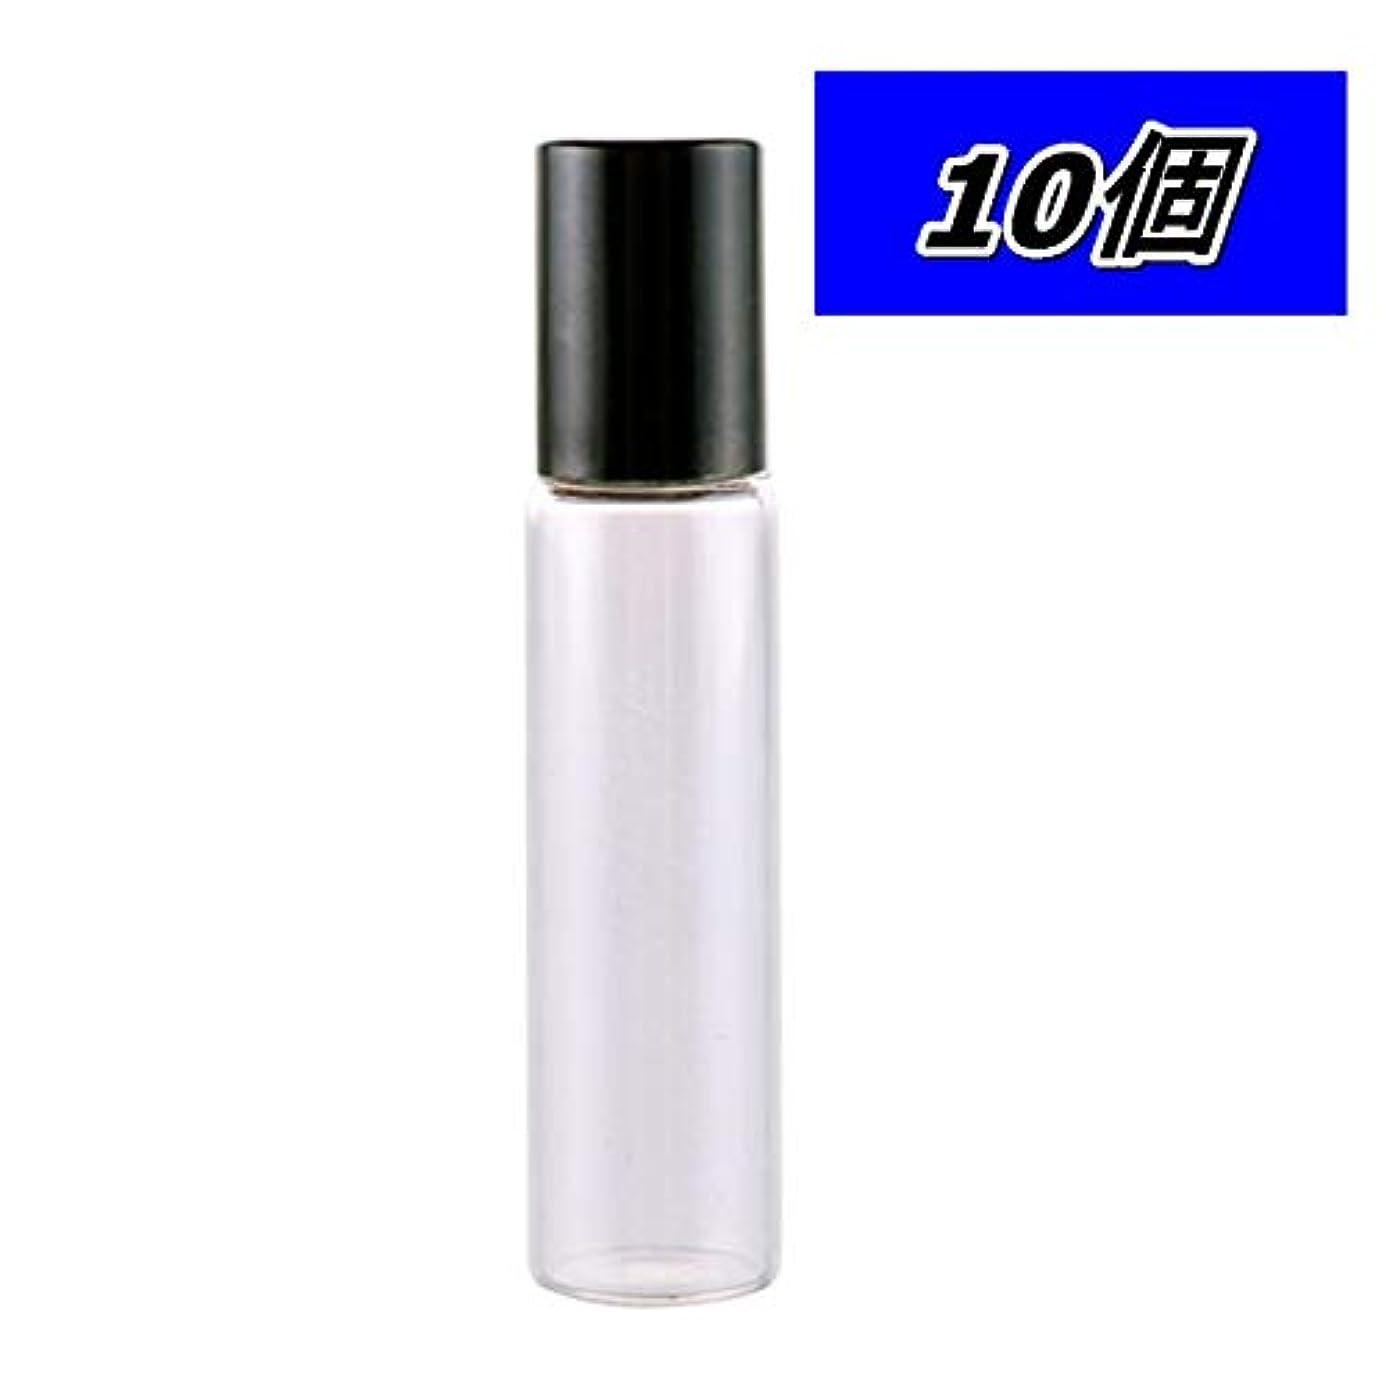 パズル先お客様[SP] ロールオンボトル 容器 アロマ ボトル ガラス 瓶 透明 クリア 香水 小分け 持ち運び 10ml 10本 セット